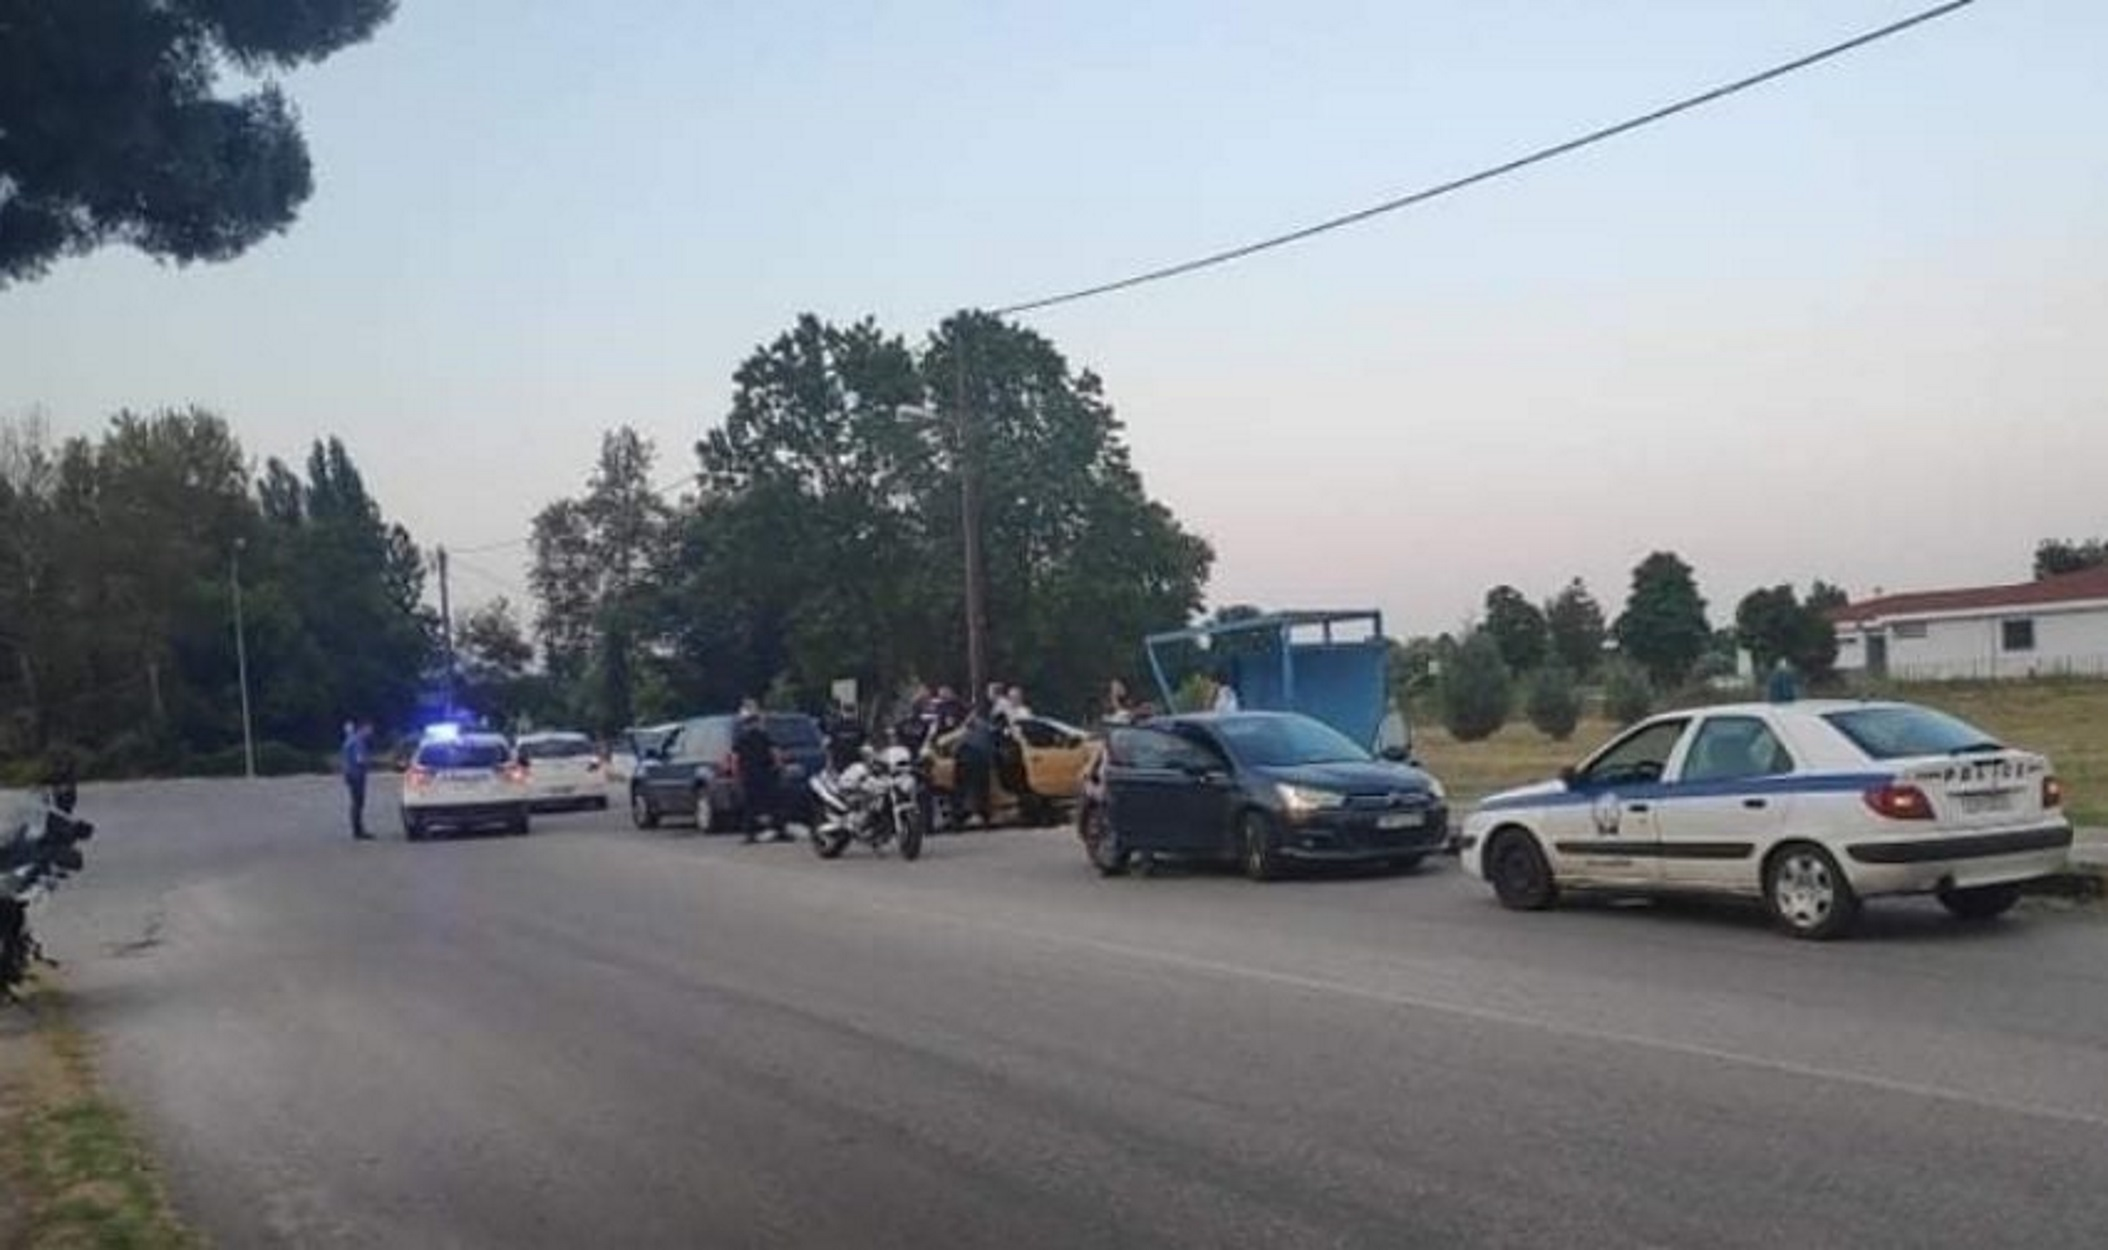 Άγρια καταδίωξη στα Τρίκαλα: Αστυνομικός βαριά τραυματίας (pic)